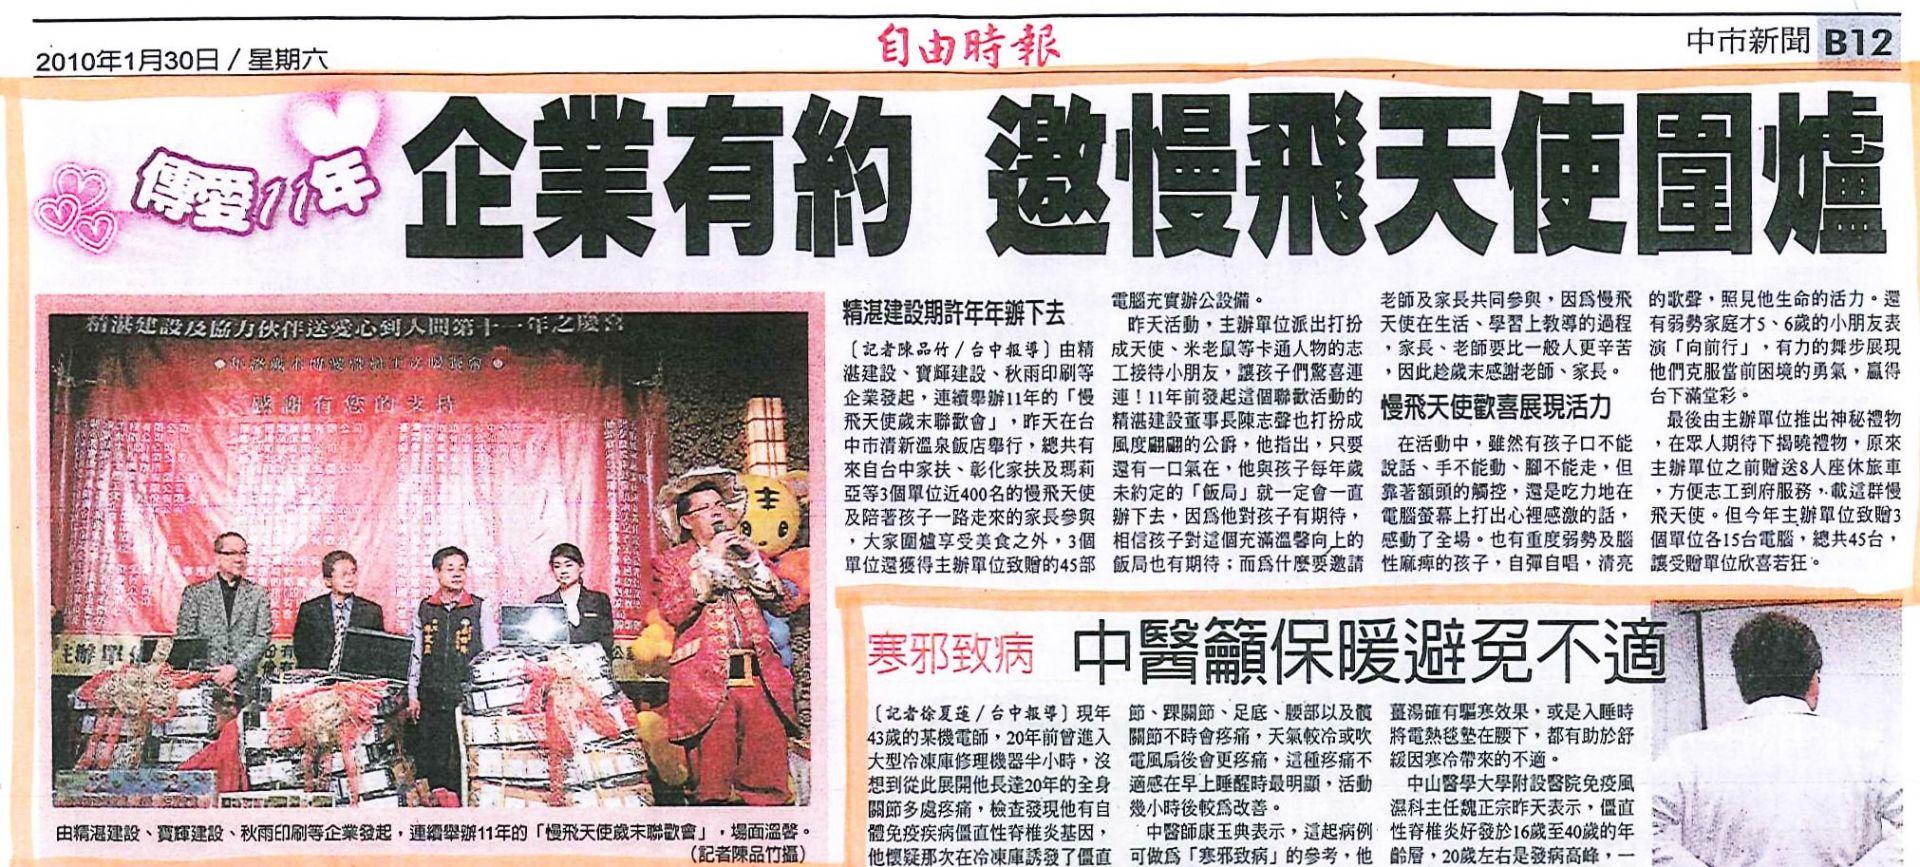 20100130 自由時報_傳愛11年 企業有約 邀慢飛天使圍爐